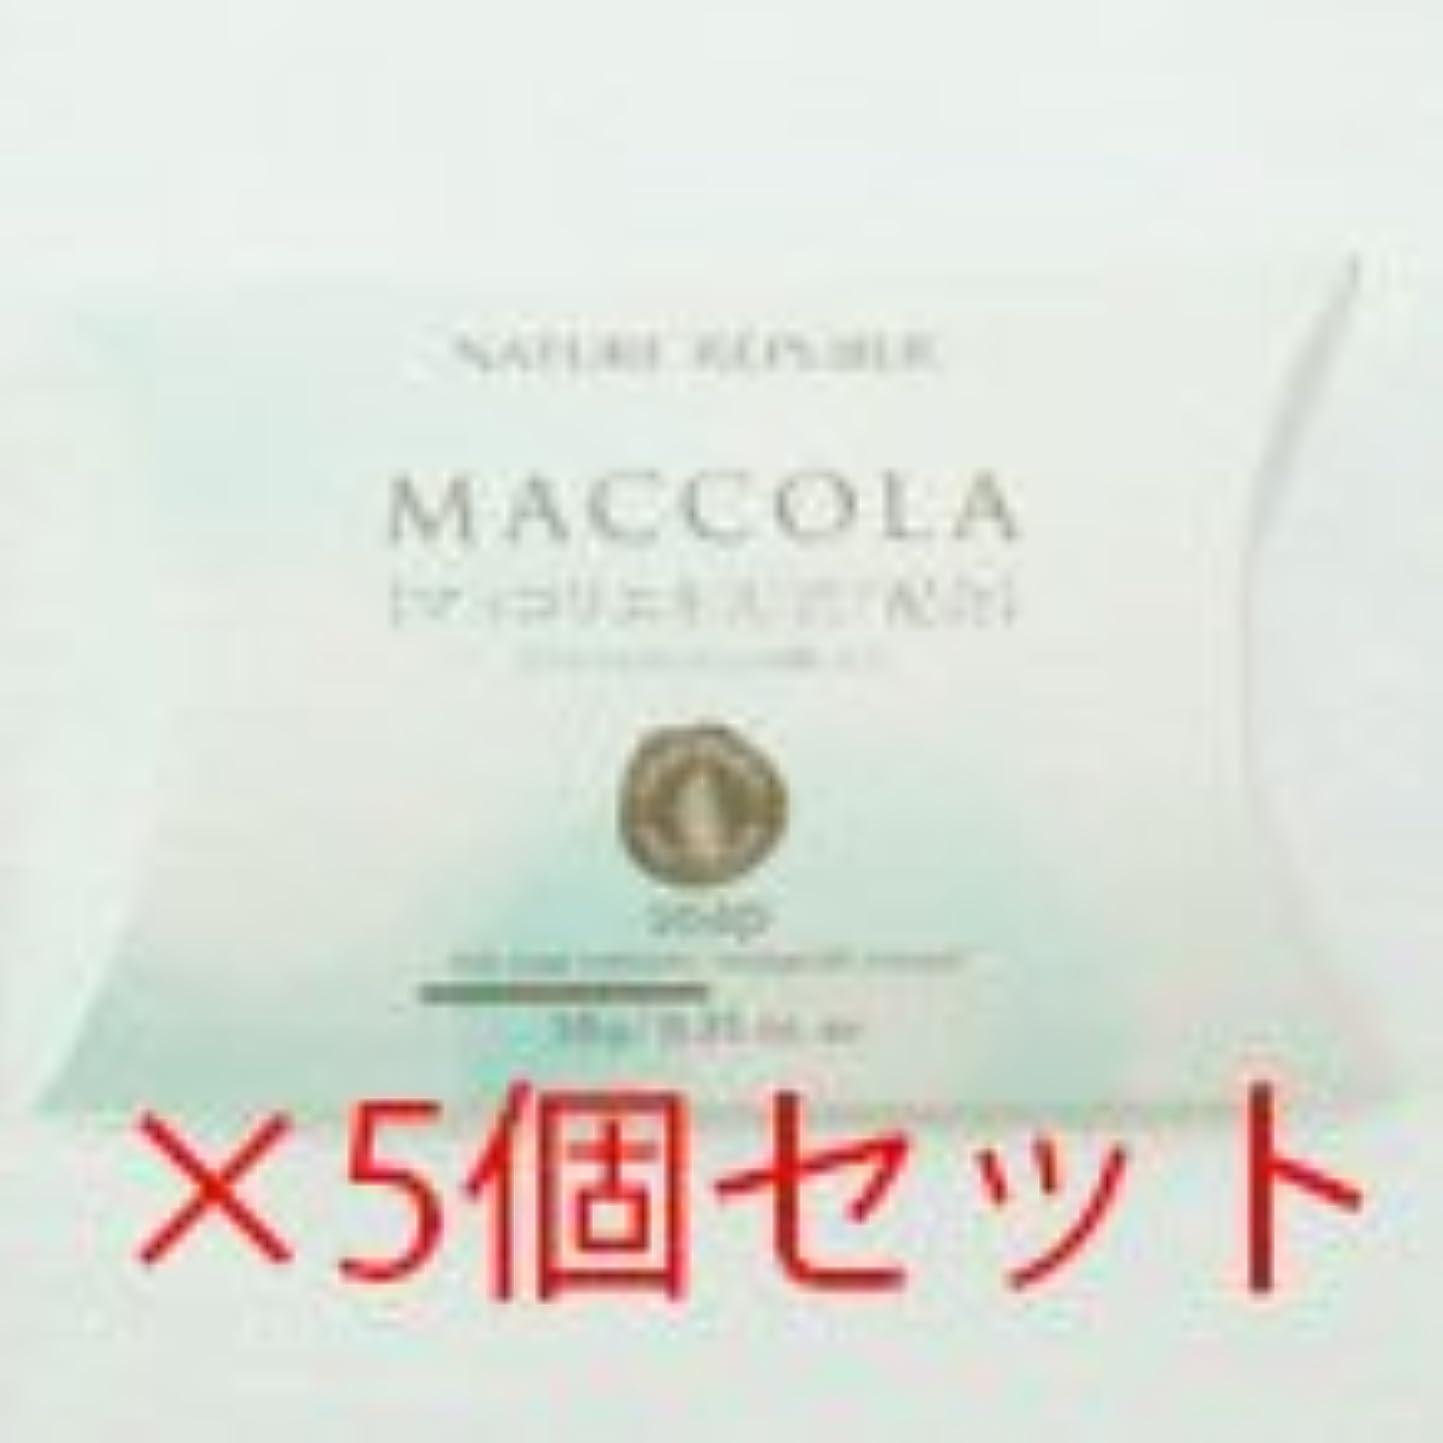 楽しませるスモッグ北極圏ネイチャーリパブリック NATURE REPUBLIC (正規品) ネイチャーリパブリック マッコラ ソープ 10g×5